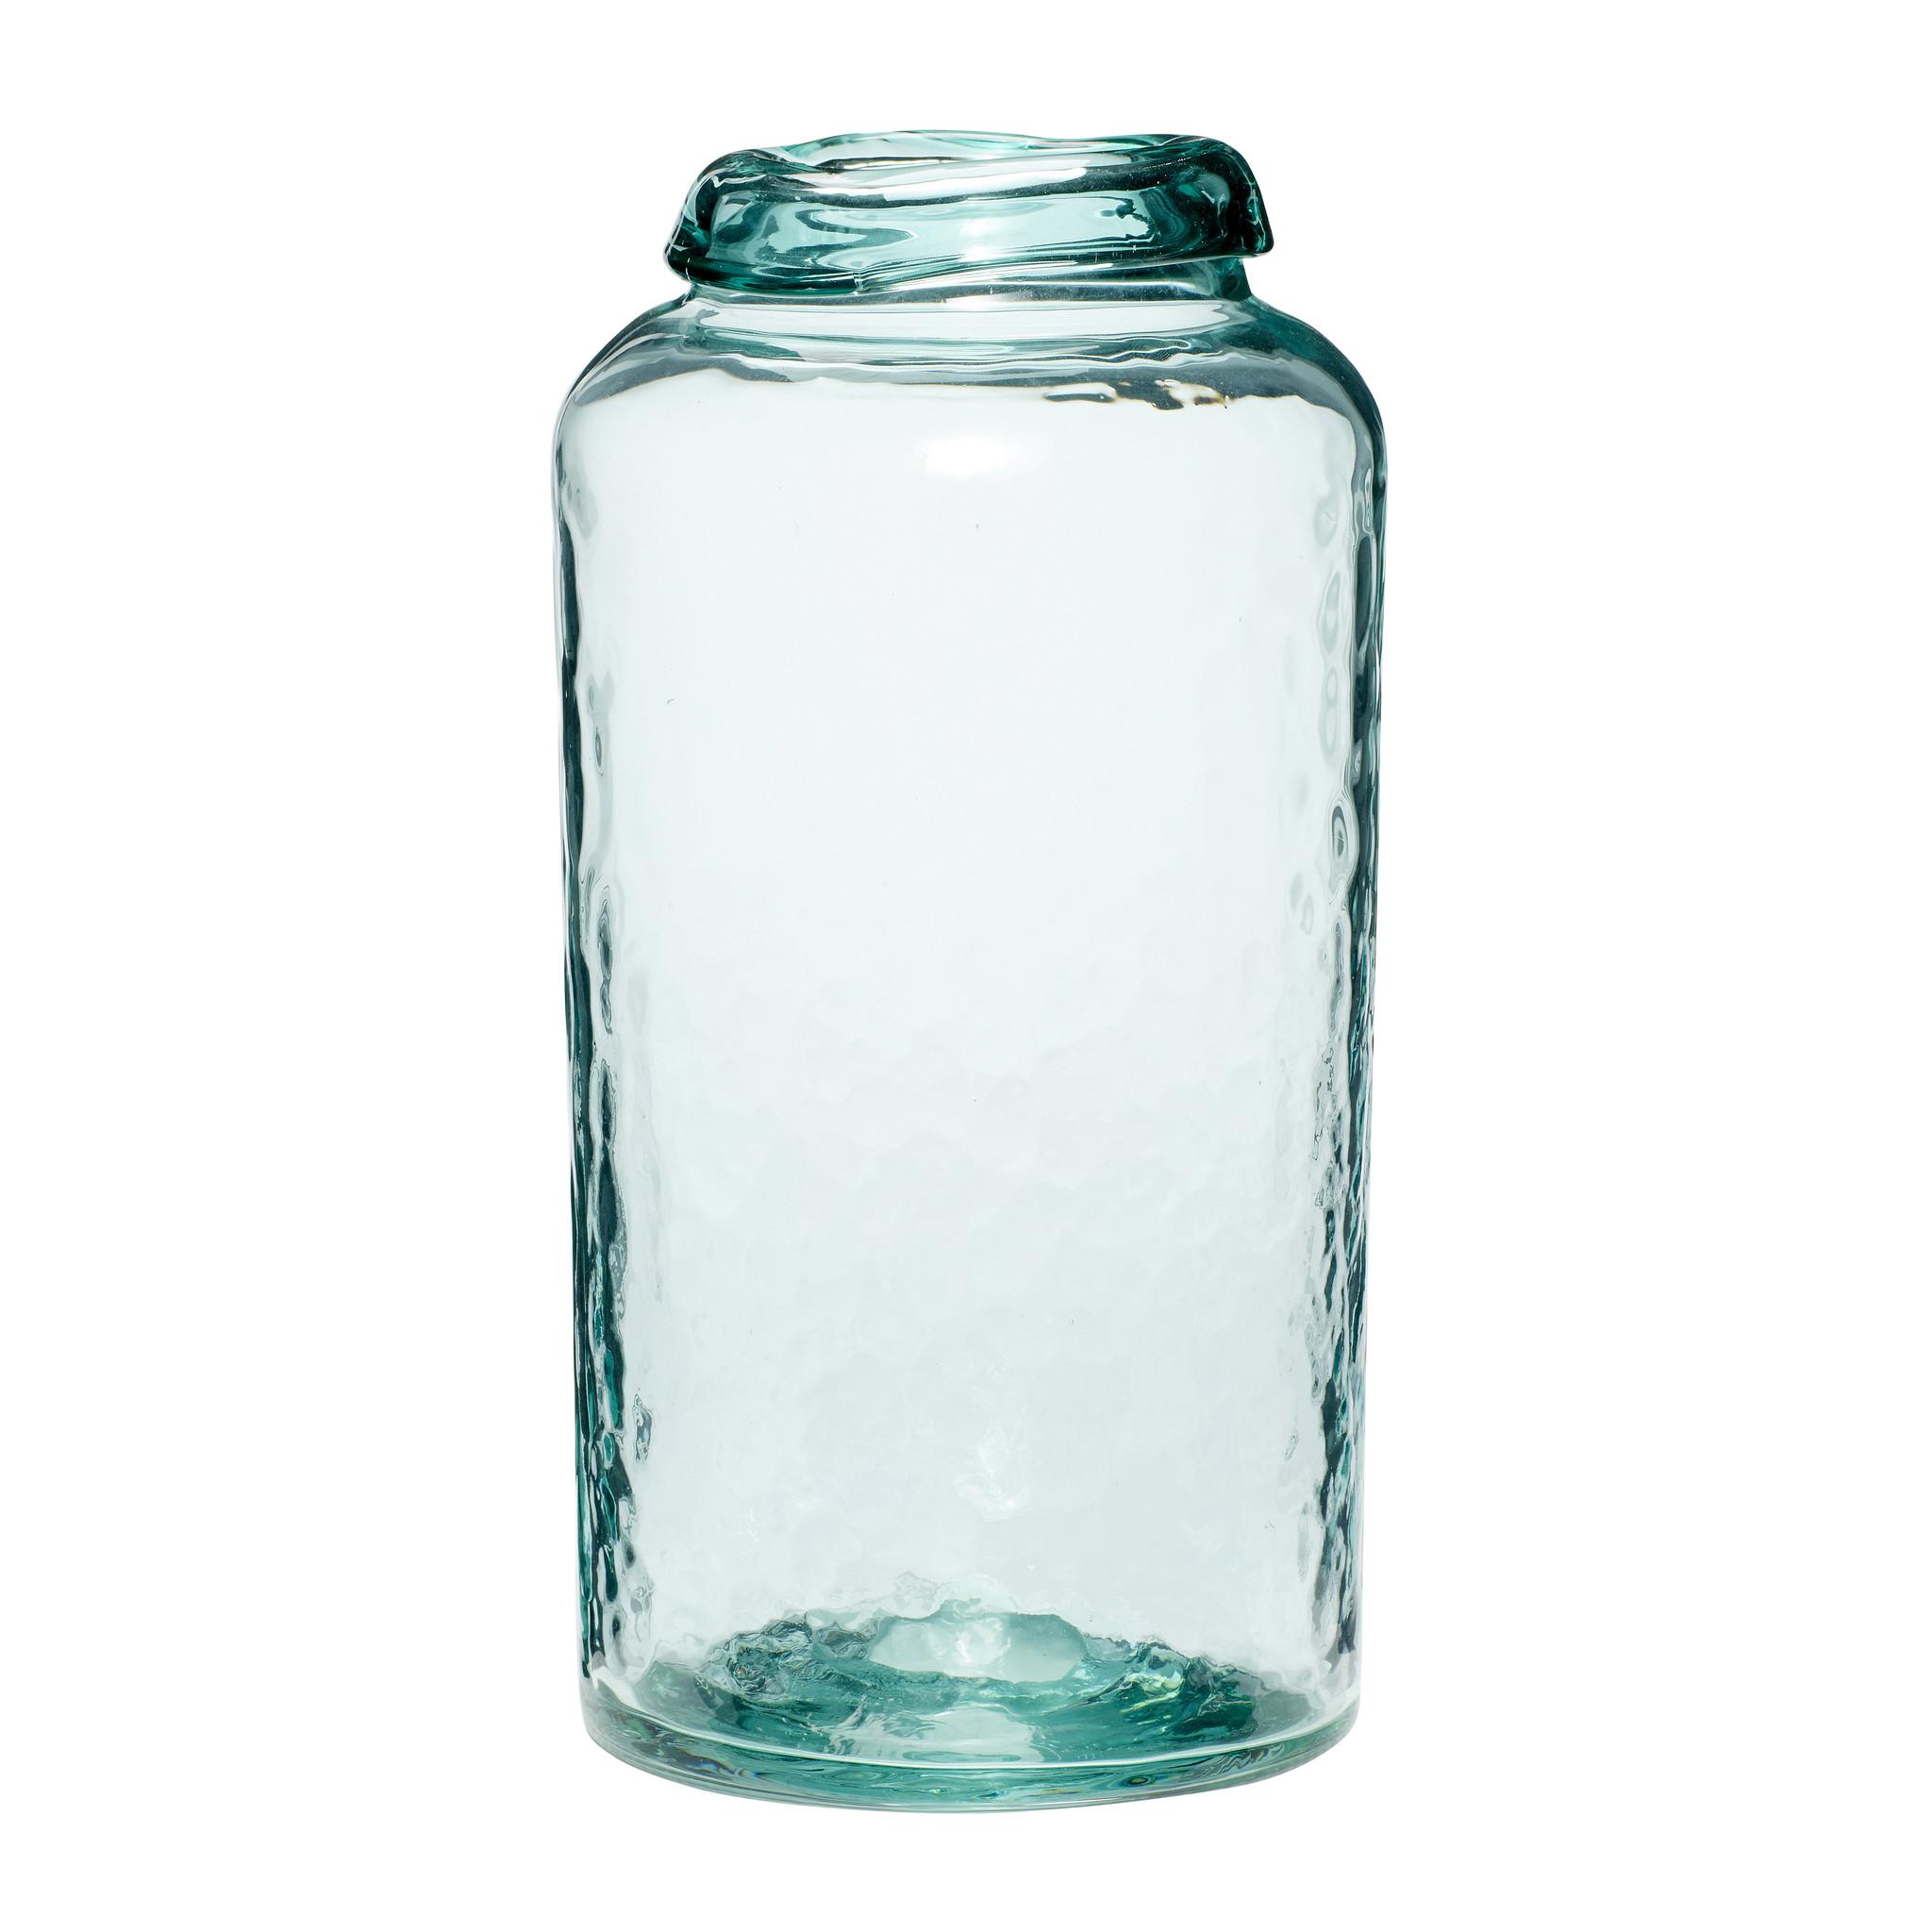 Hubsch Vaas, glas, groen, groot-950208-5712772054017